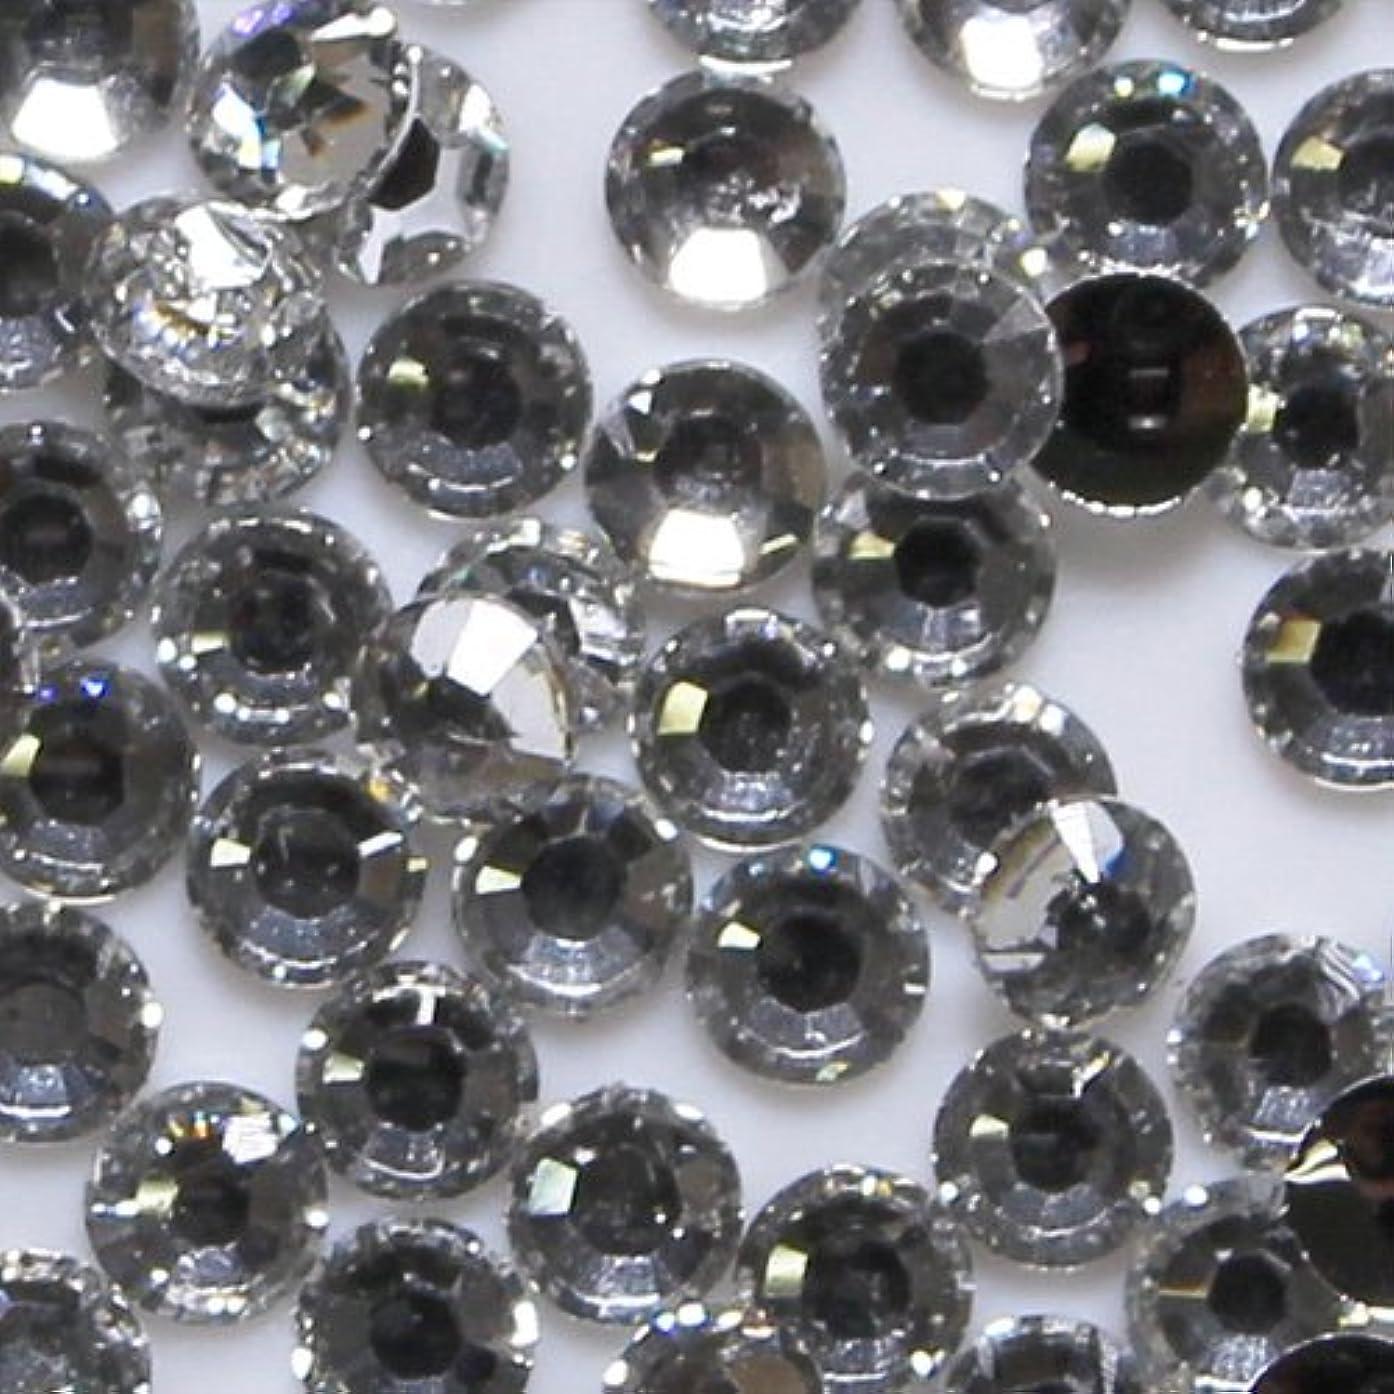 行列プライム絶壁高品質 アクリルストーン ラインストーン ラウンドフラット 約1000粒入り 4mm ダイヤモンド